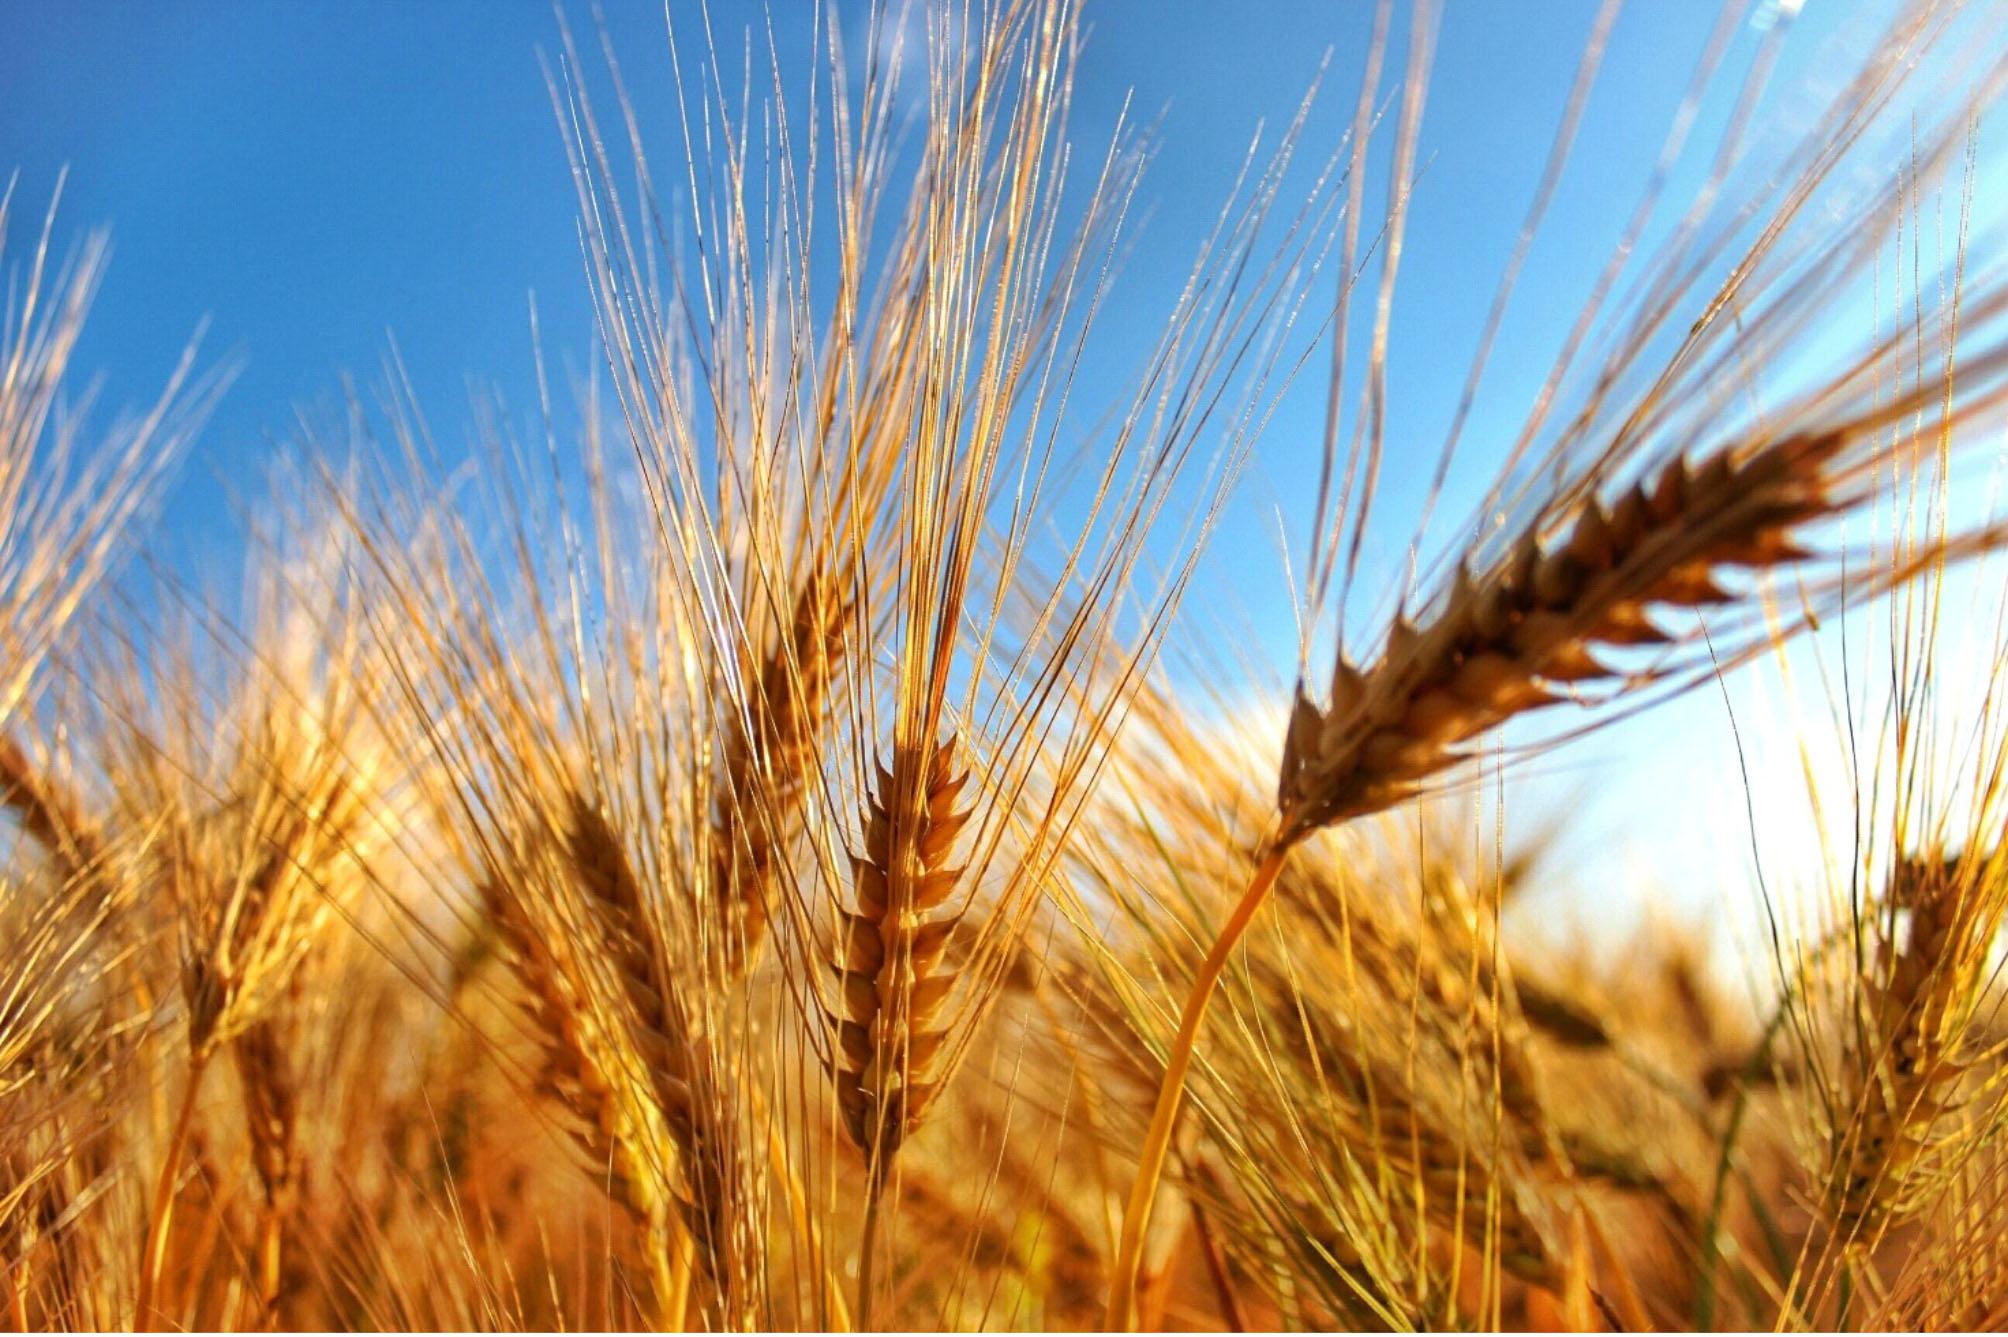 Coldiretti annuncia: al via raccolta grano con -10%, prezzi in rialzo